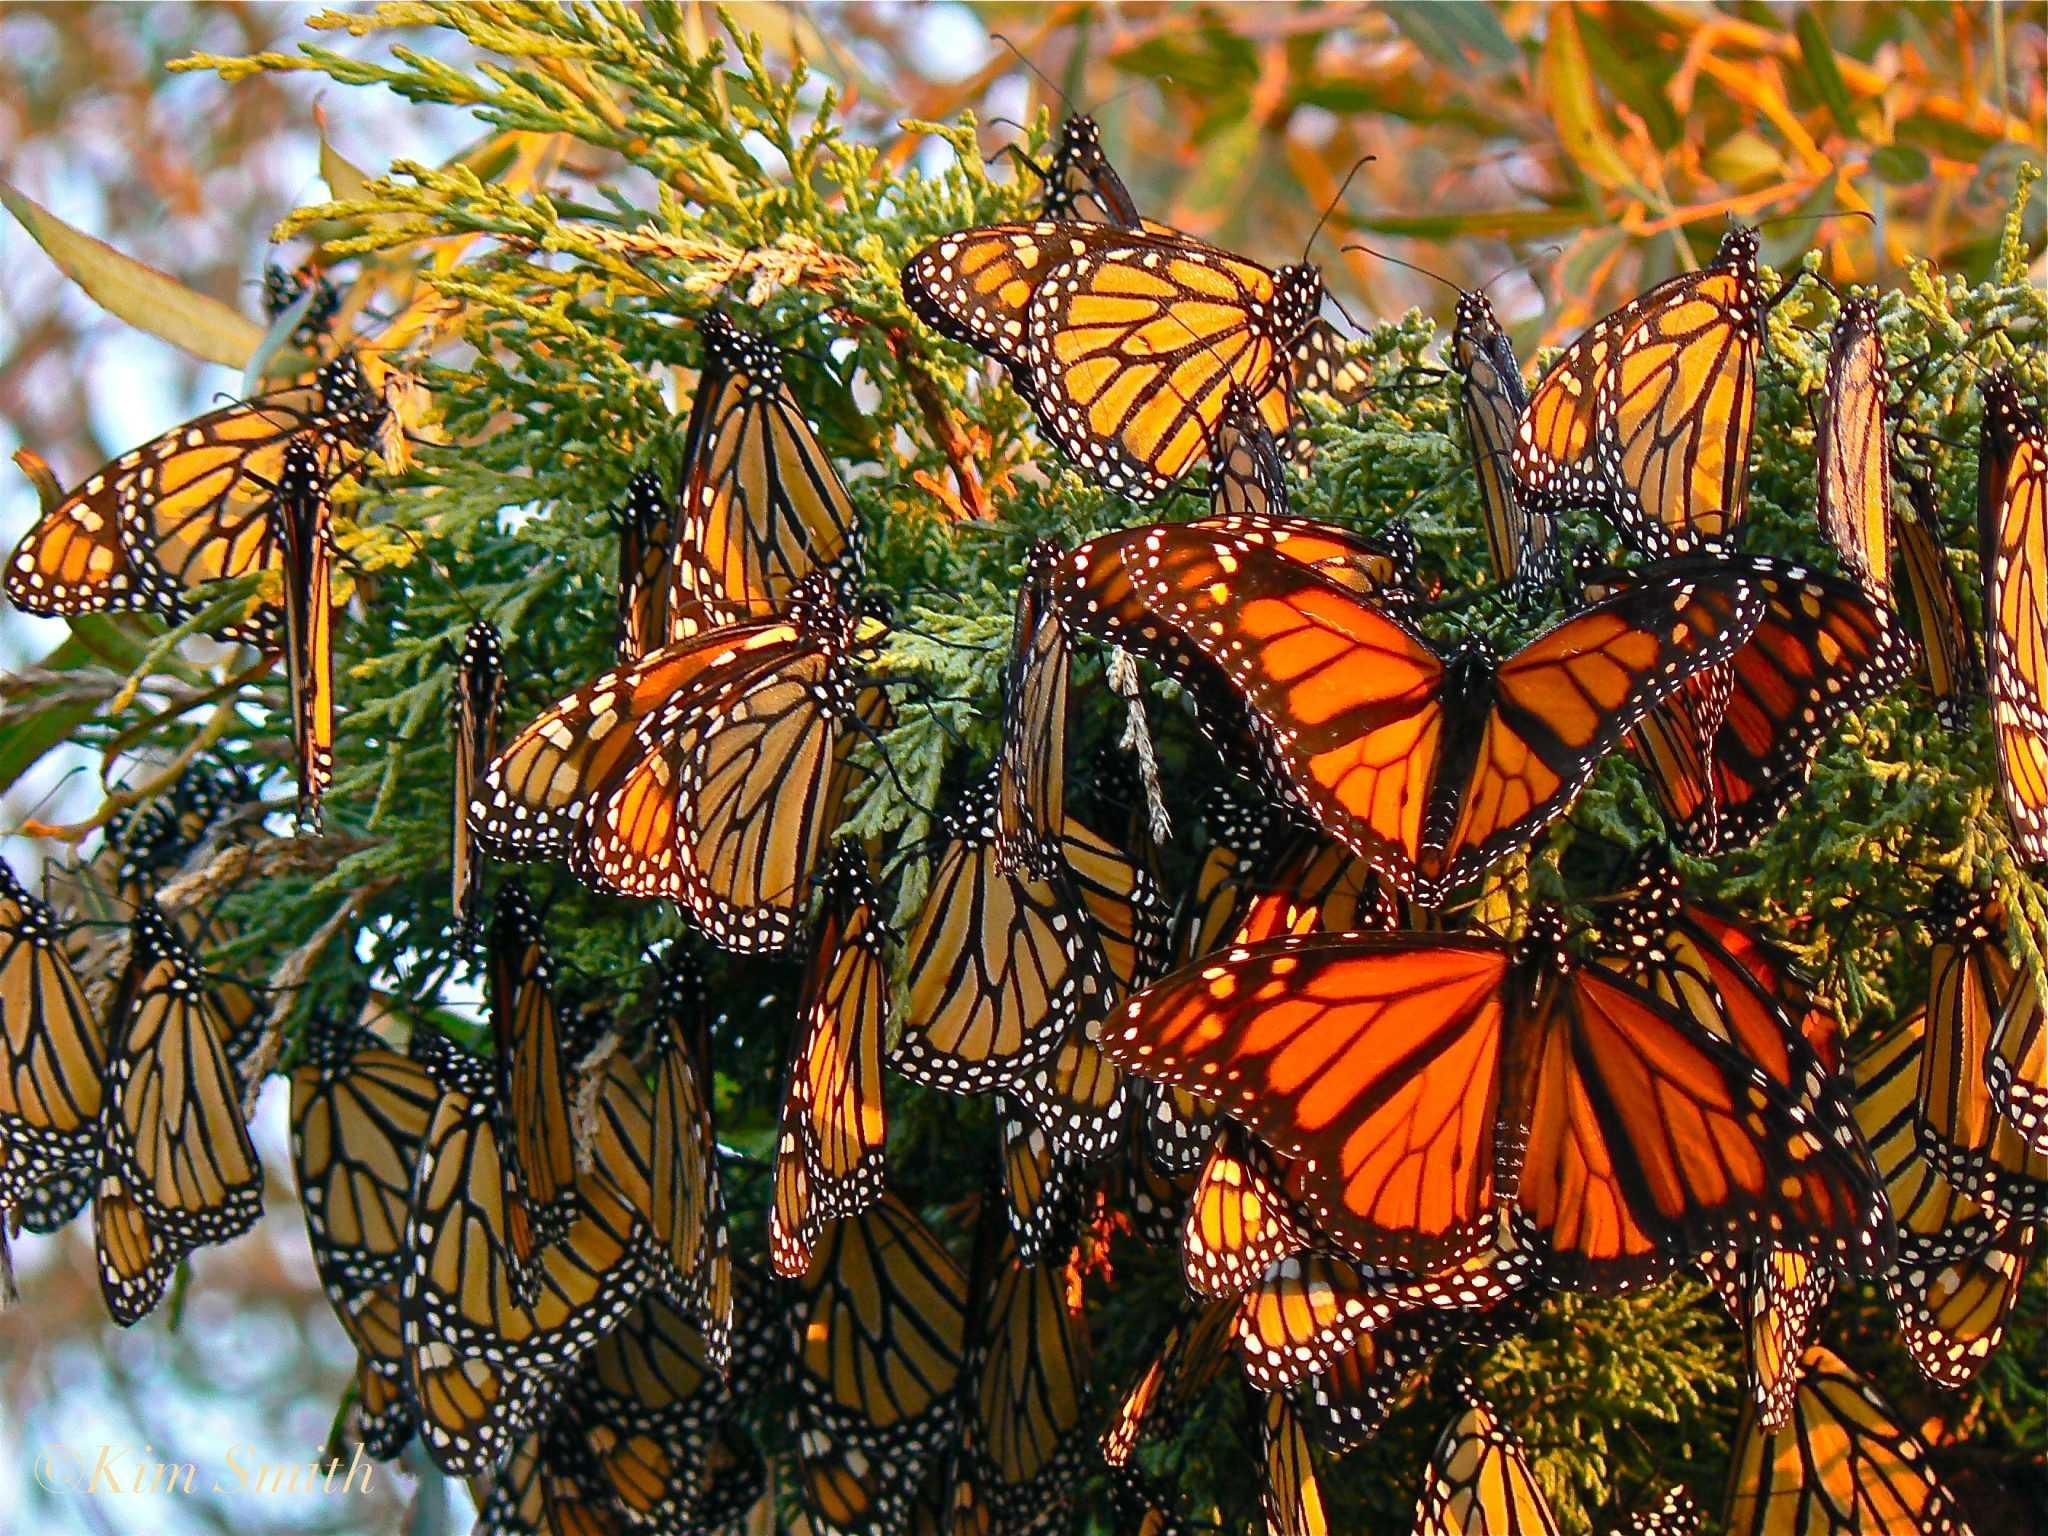 monarch butterflies gloucester massachusetts c2a9kim smith 2006